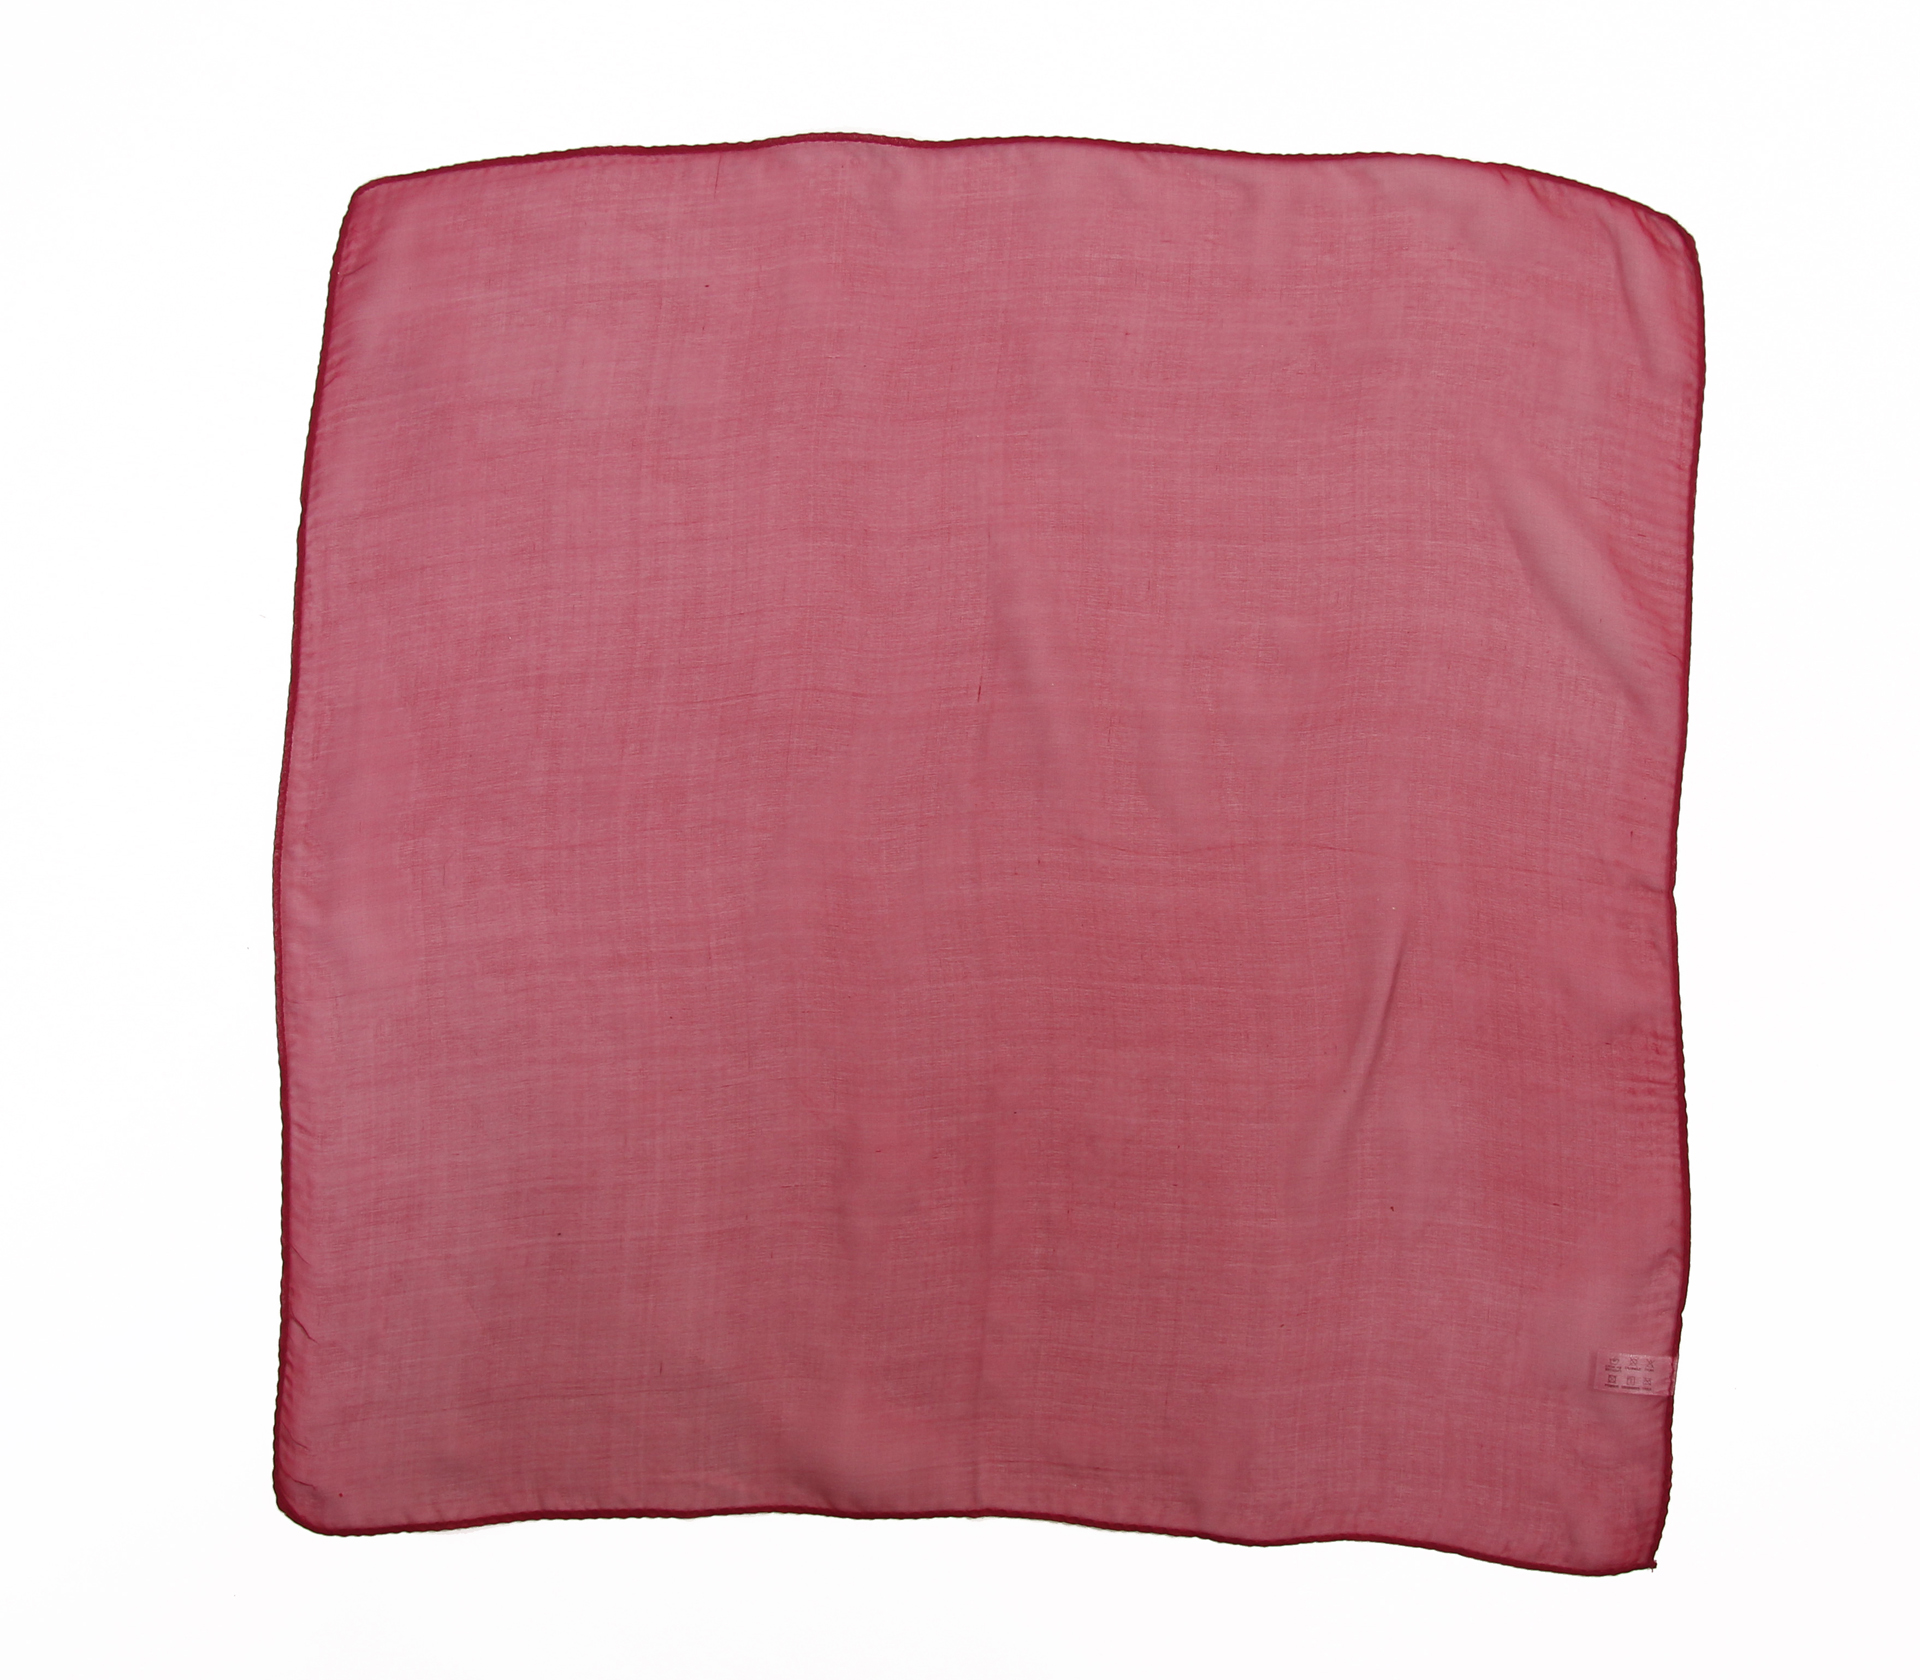 素面雪紡100%蠶絲絲巾50*50CM  - 1101 - 酒紅